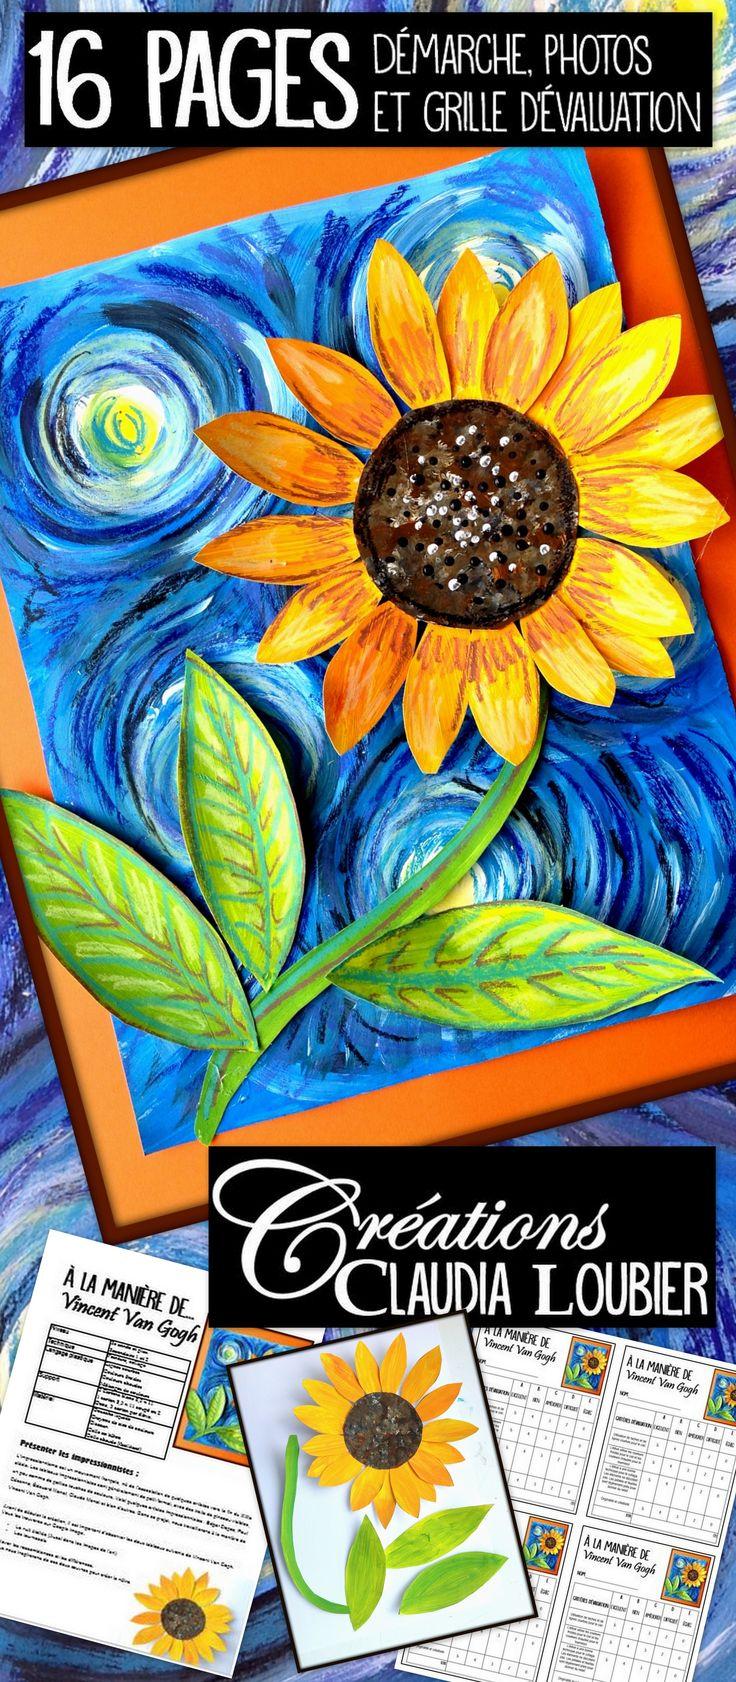 """Ce projet nous fait découvrir 2 oeuvres de Vincent Van Gogh: """"La nuit étoilée"""" et """"Les tournesols"""". En s'inspirant de ces deux tableaux, nous créerons une oeuvre  en travaillant à la manière des impressionnistes. Les notions de mélanges de couleurs, de lignes courbes, de couleurs froides et chaudes seront abordées. Vous aurez besoin de gouache liquide, de carton blanc et de crayon de cire. Faites arriver le printemps avec ce projet ensoleillé. Démarche, photos et grille d'évaluation…"""